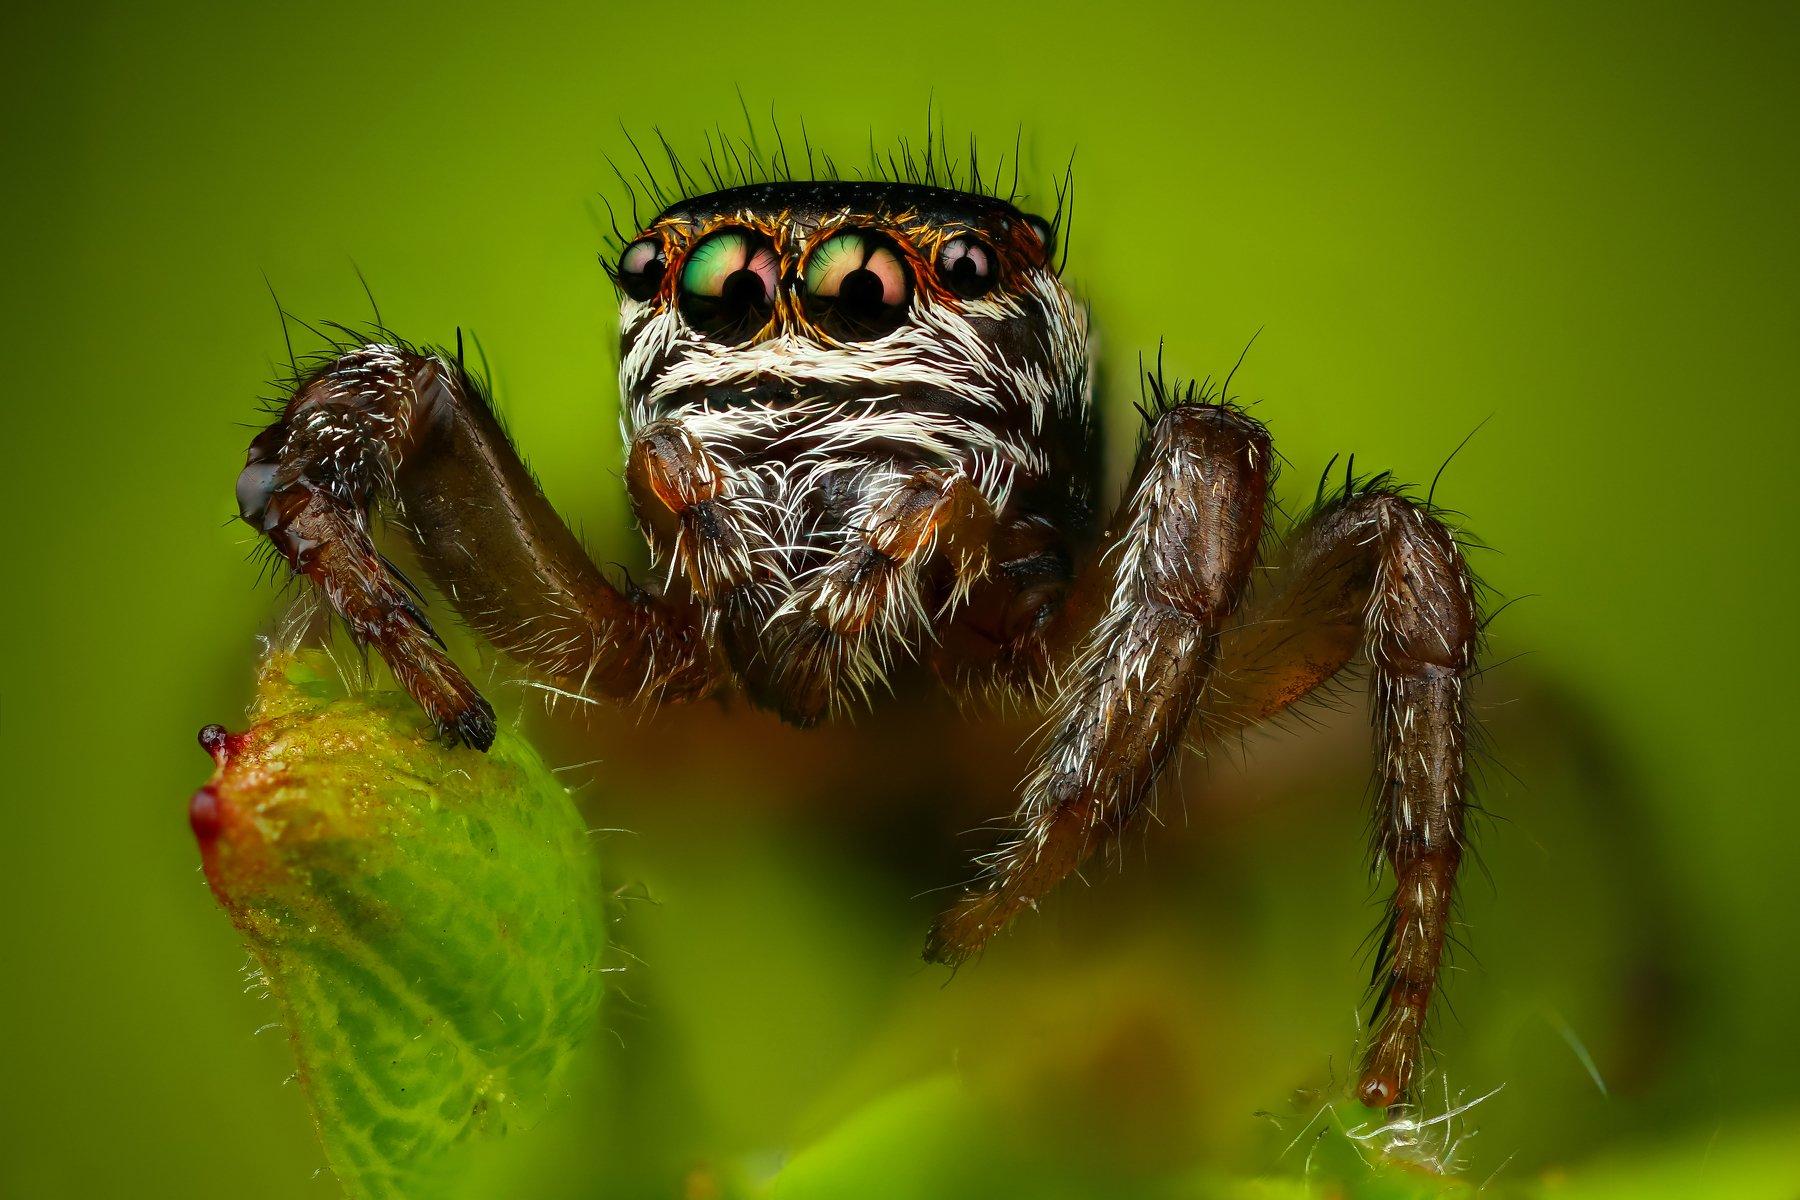 паук макро природа портрет цвет зеленый растение, Шаповалов Андрей